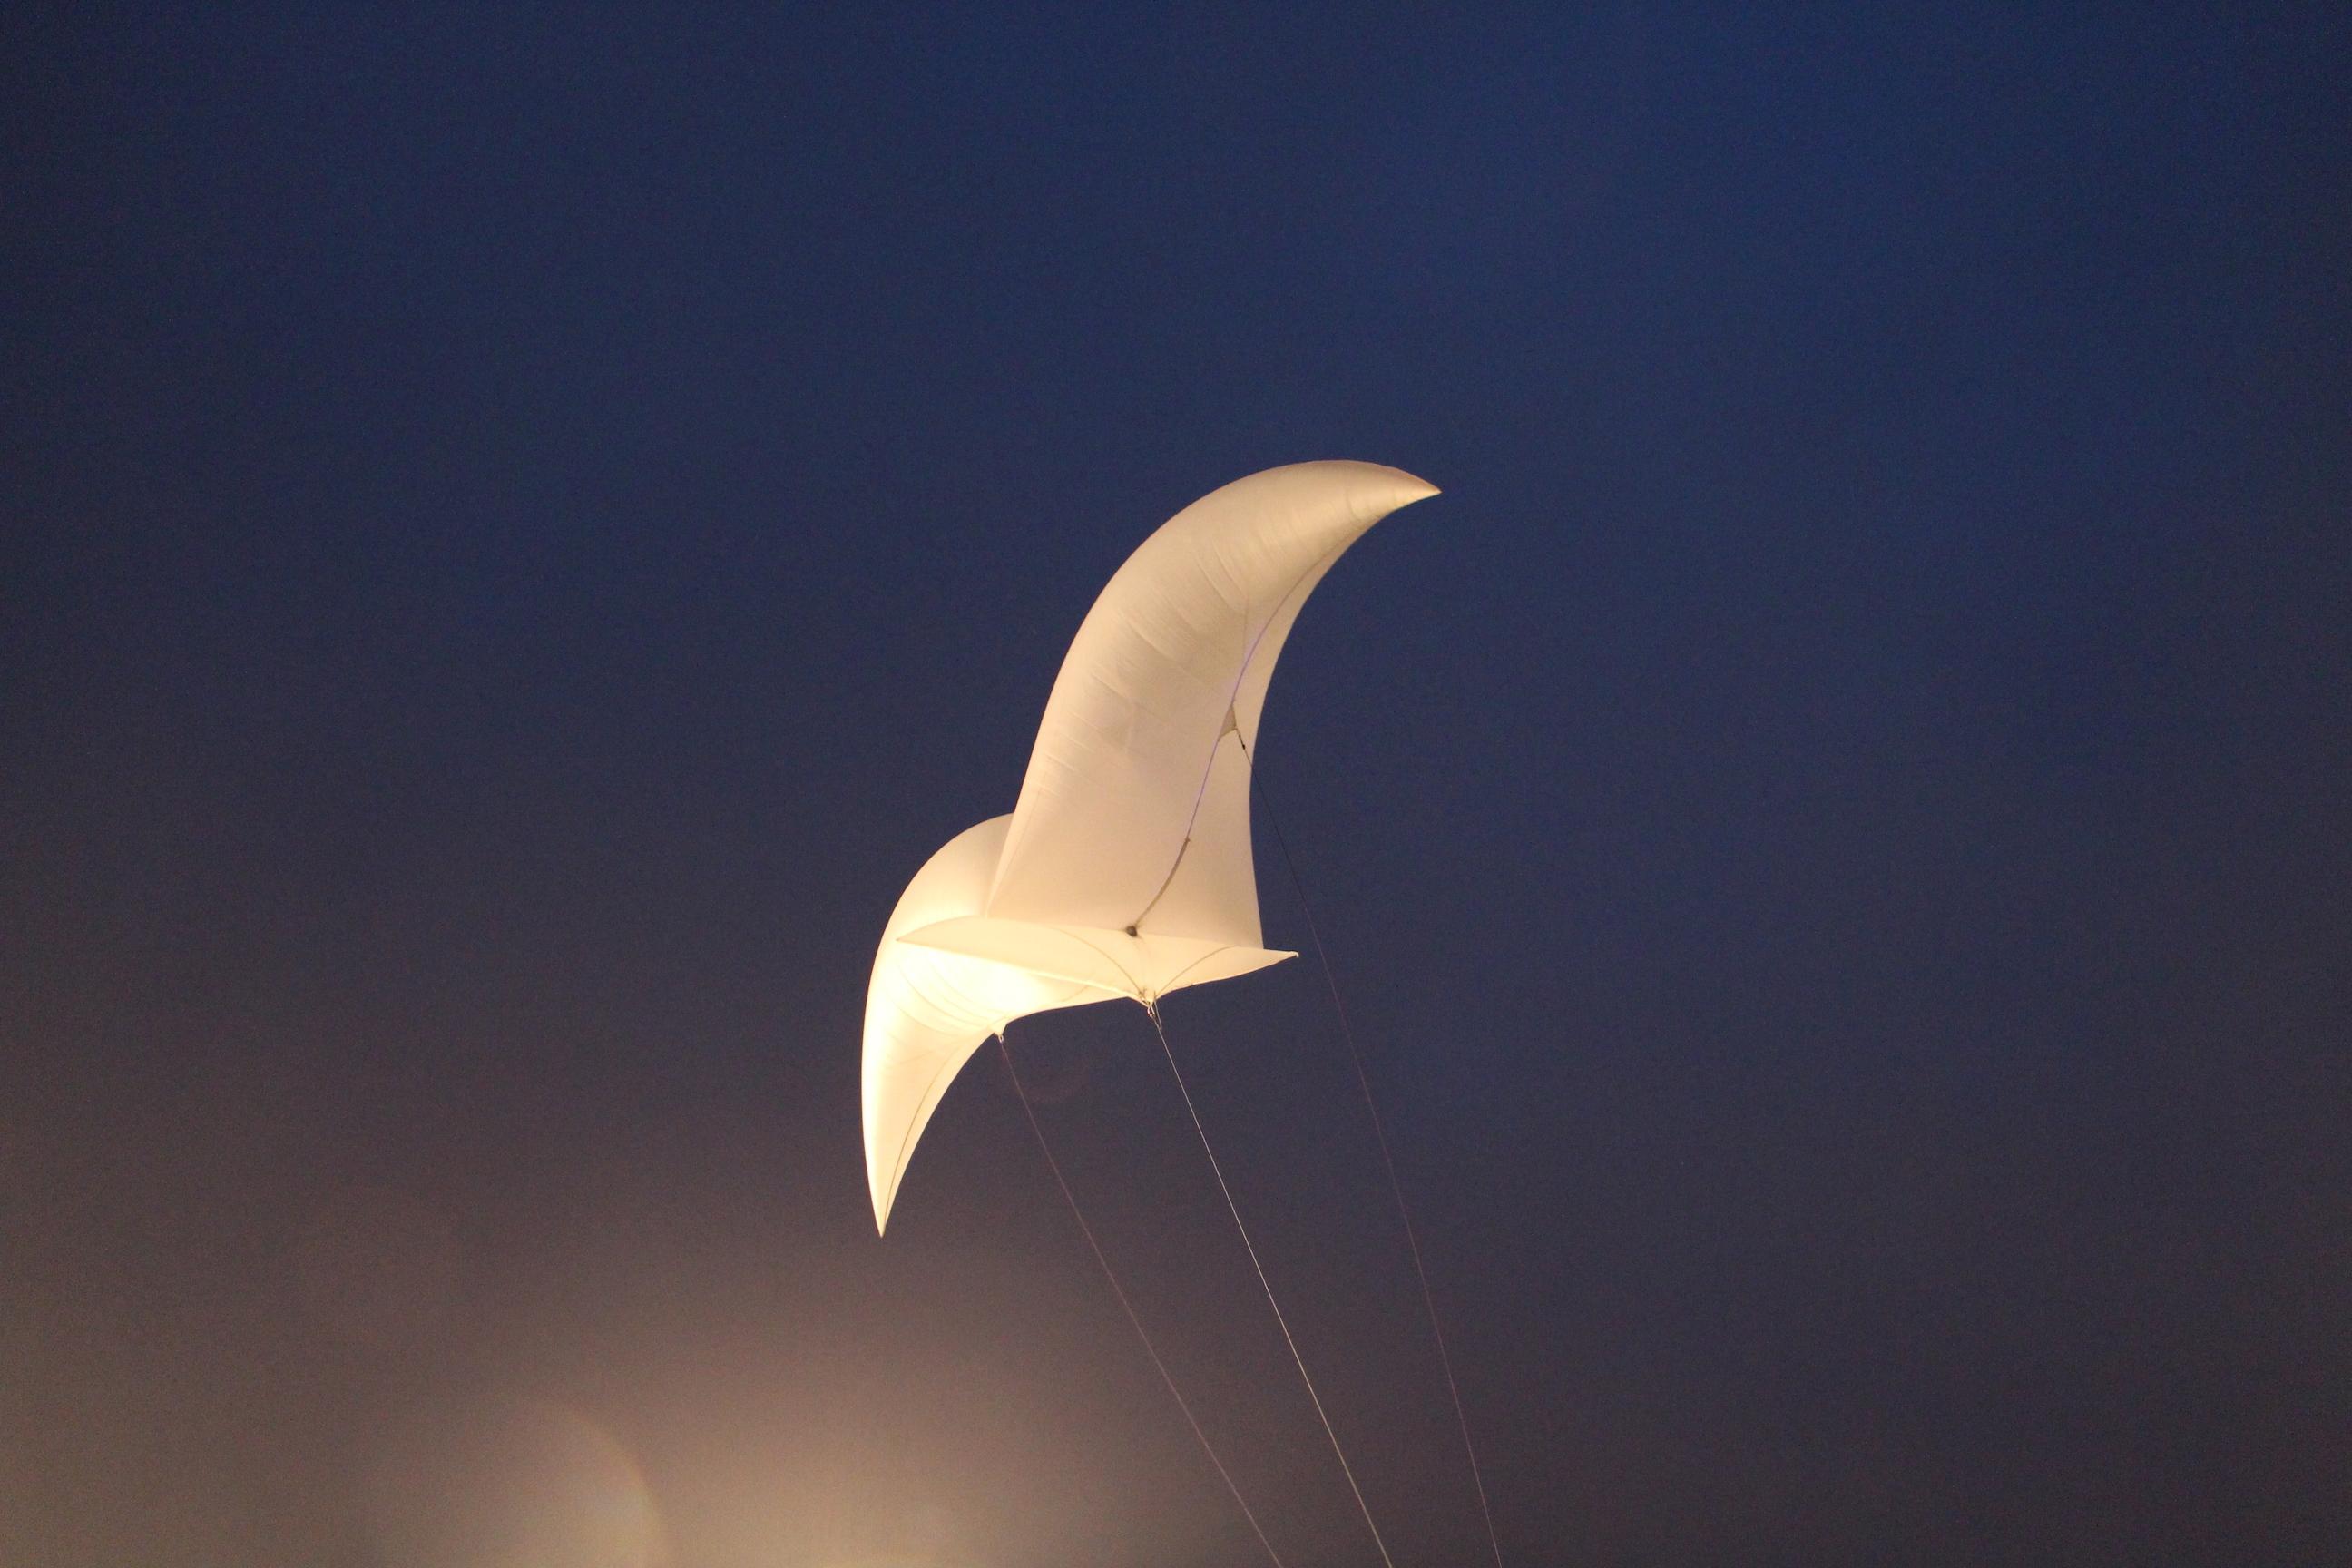 空を優雅に飛ぶ